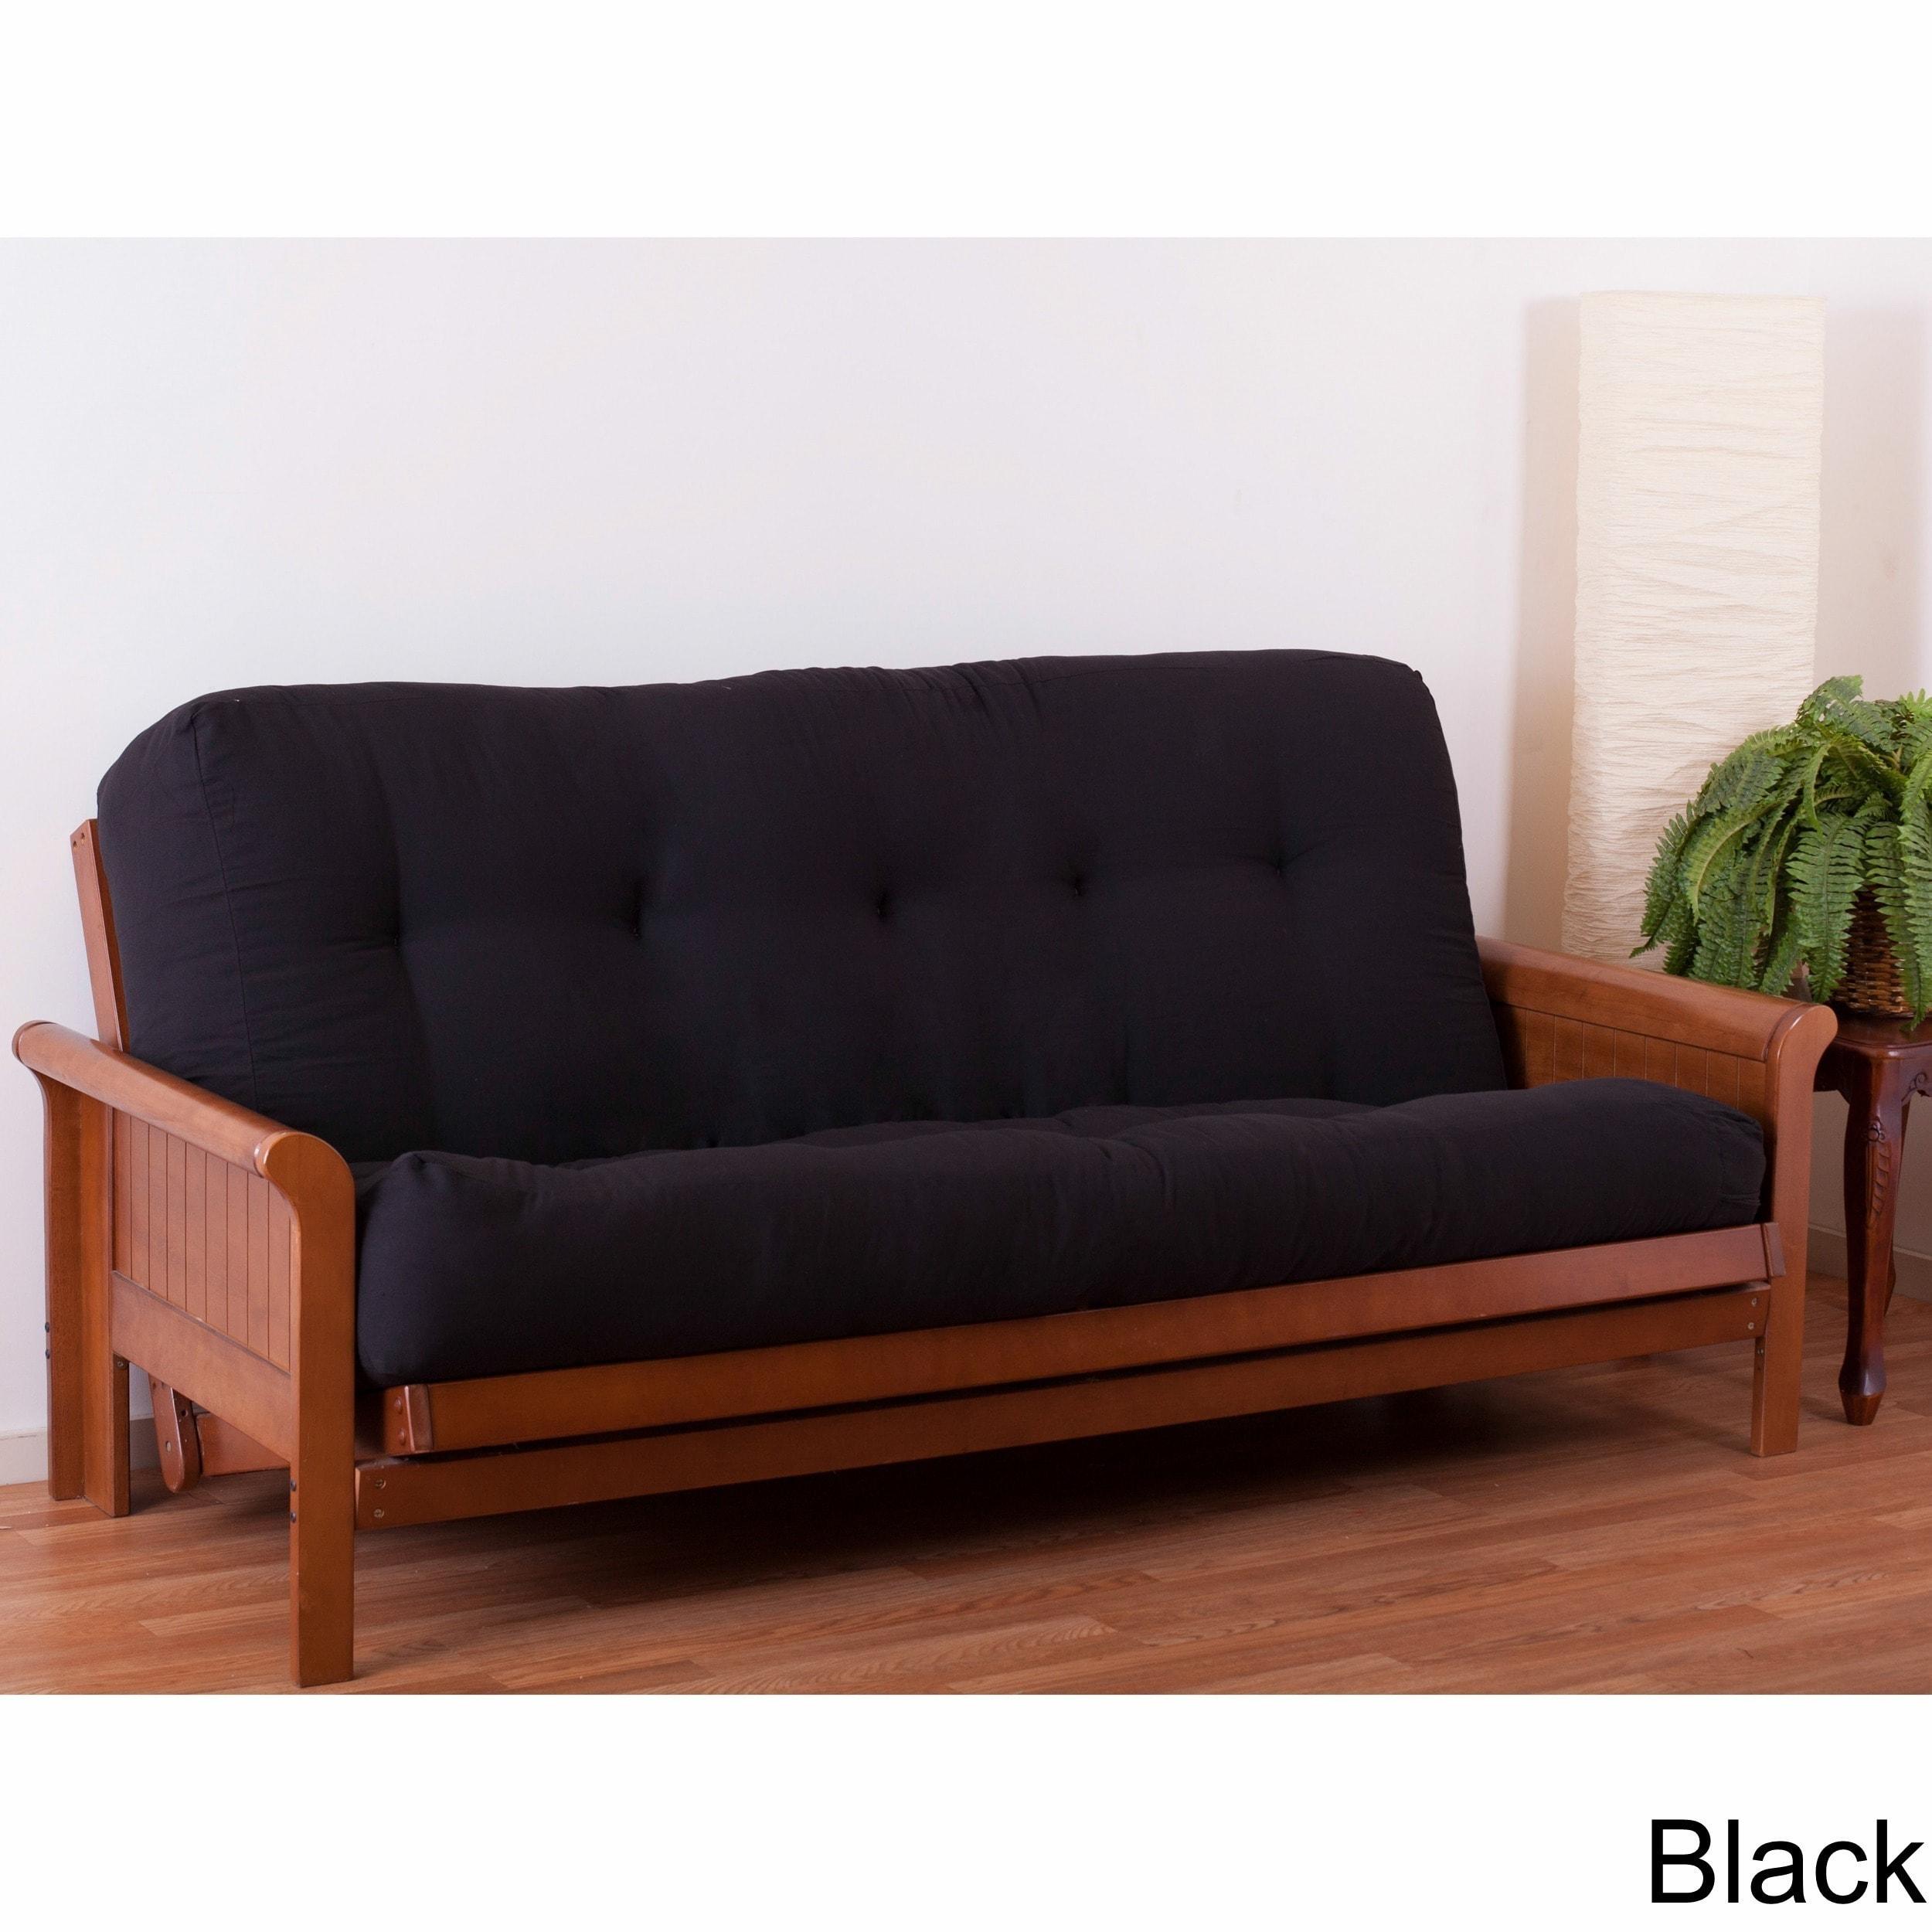 Black Futons Online At Com Our Best Living Room Furniture Deals